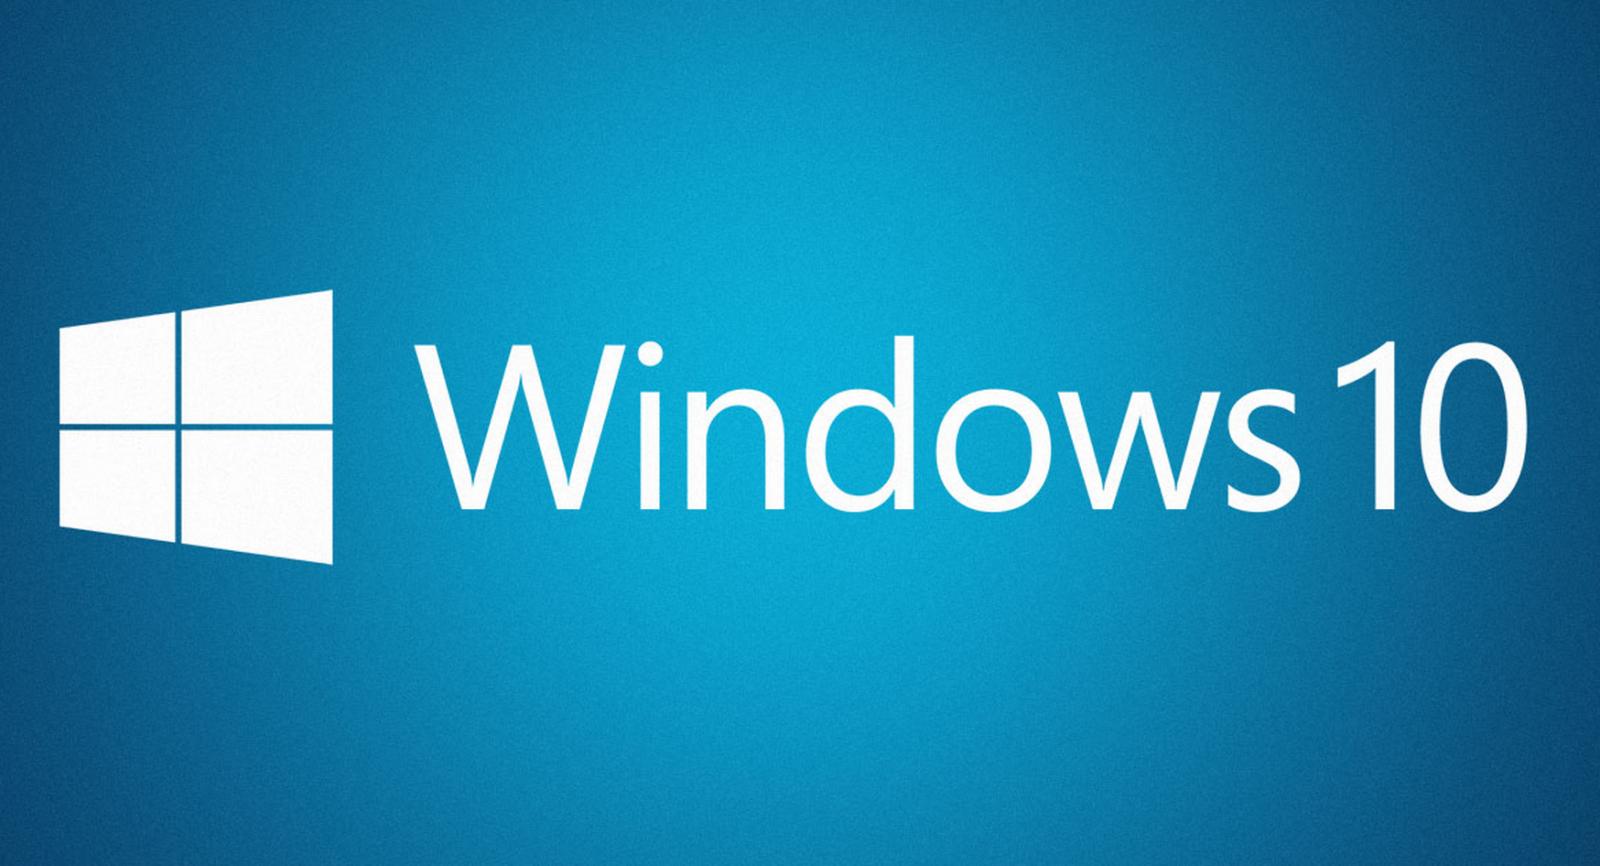 Windows 10 Consumer Preview Livestream